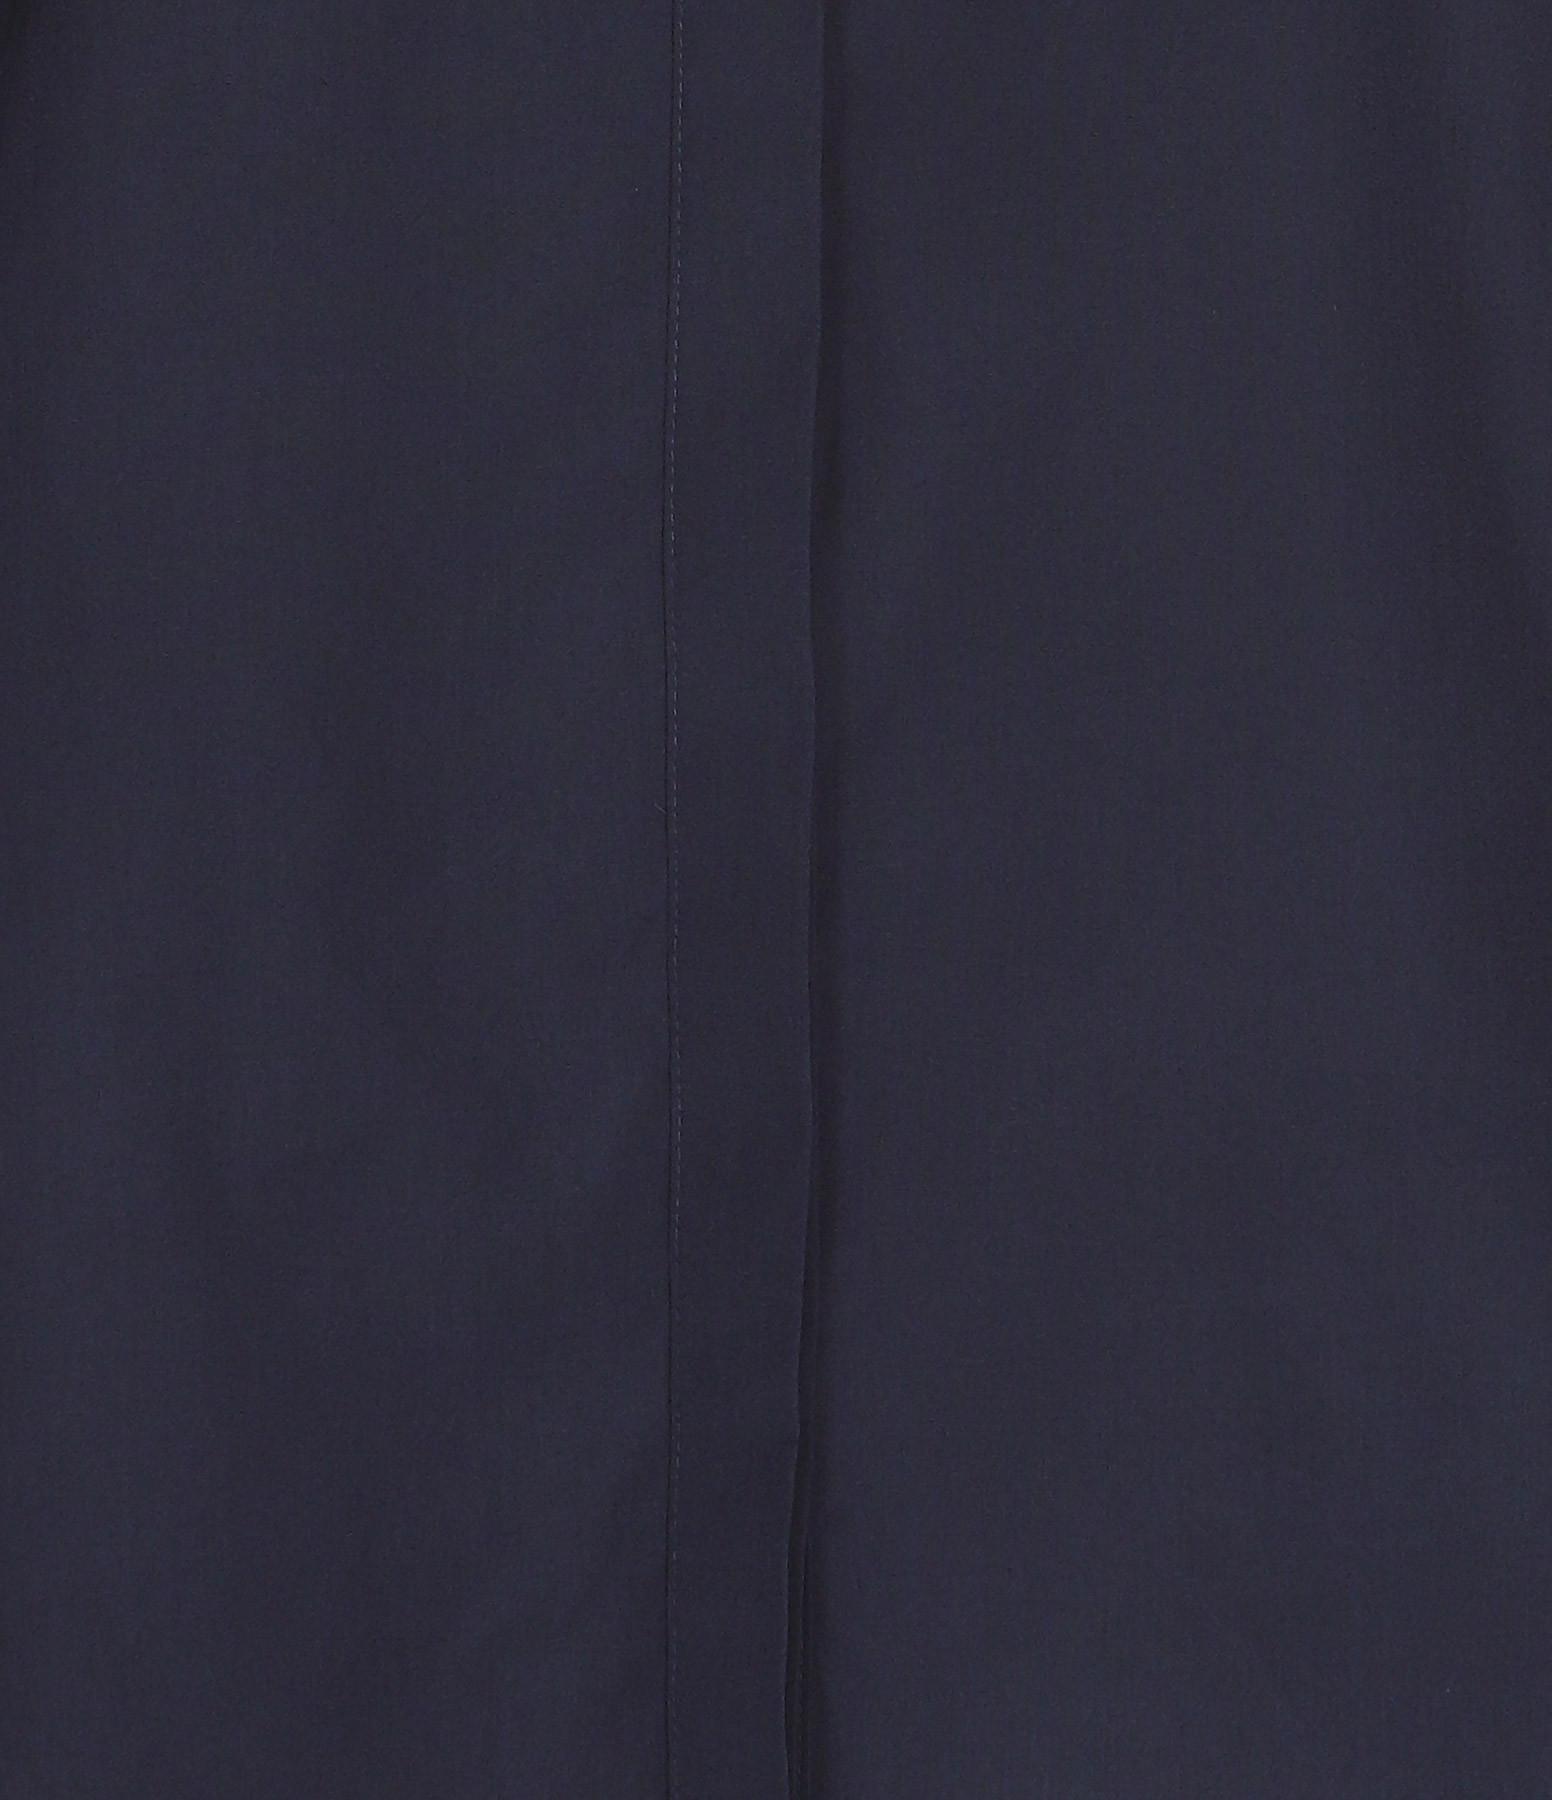 HANA SAN - Chemise Ema Bleu Nuit